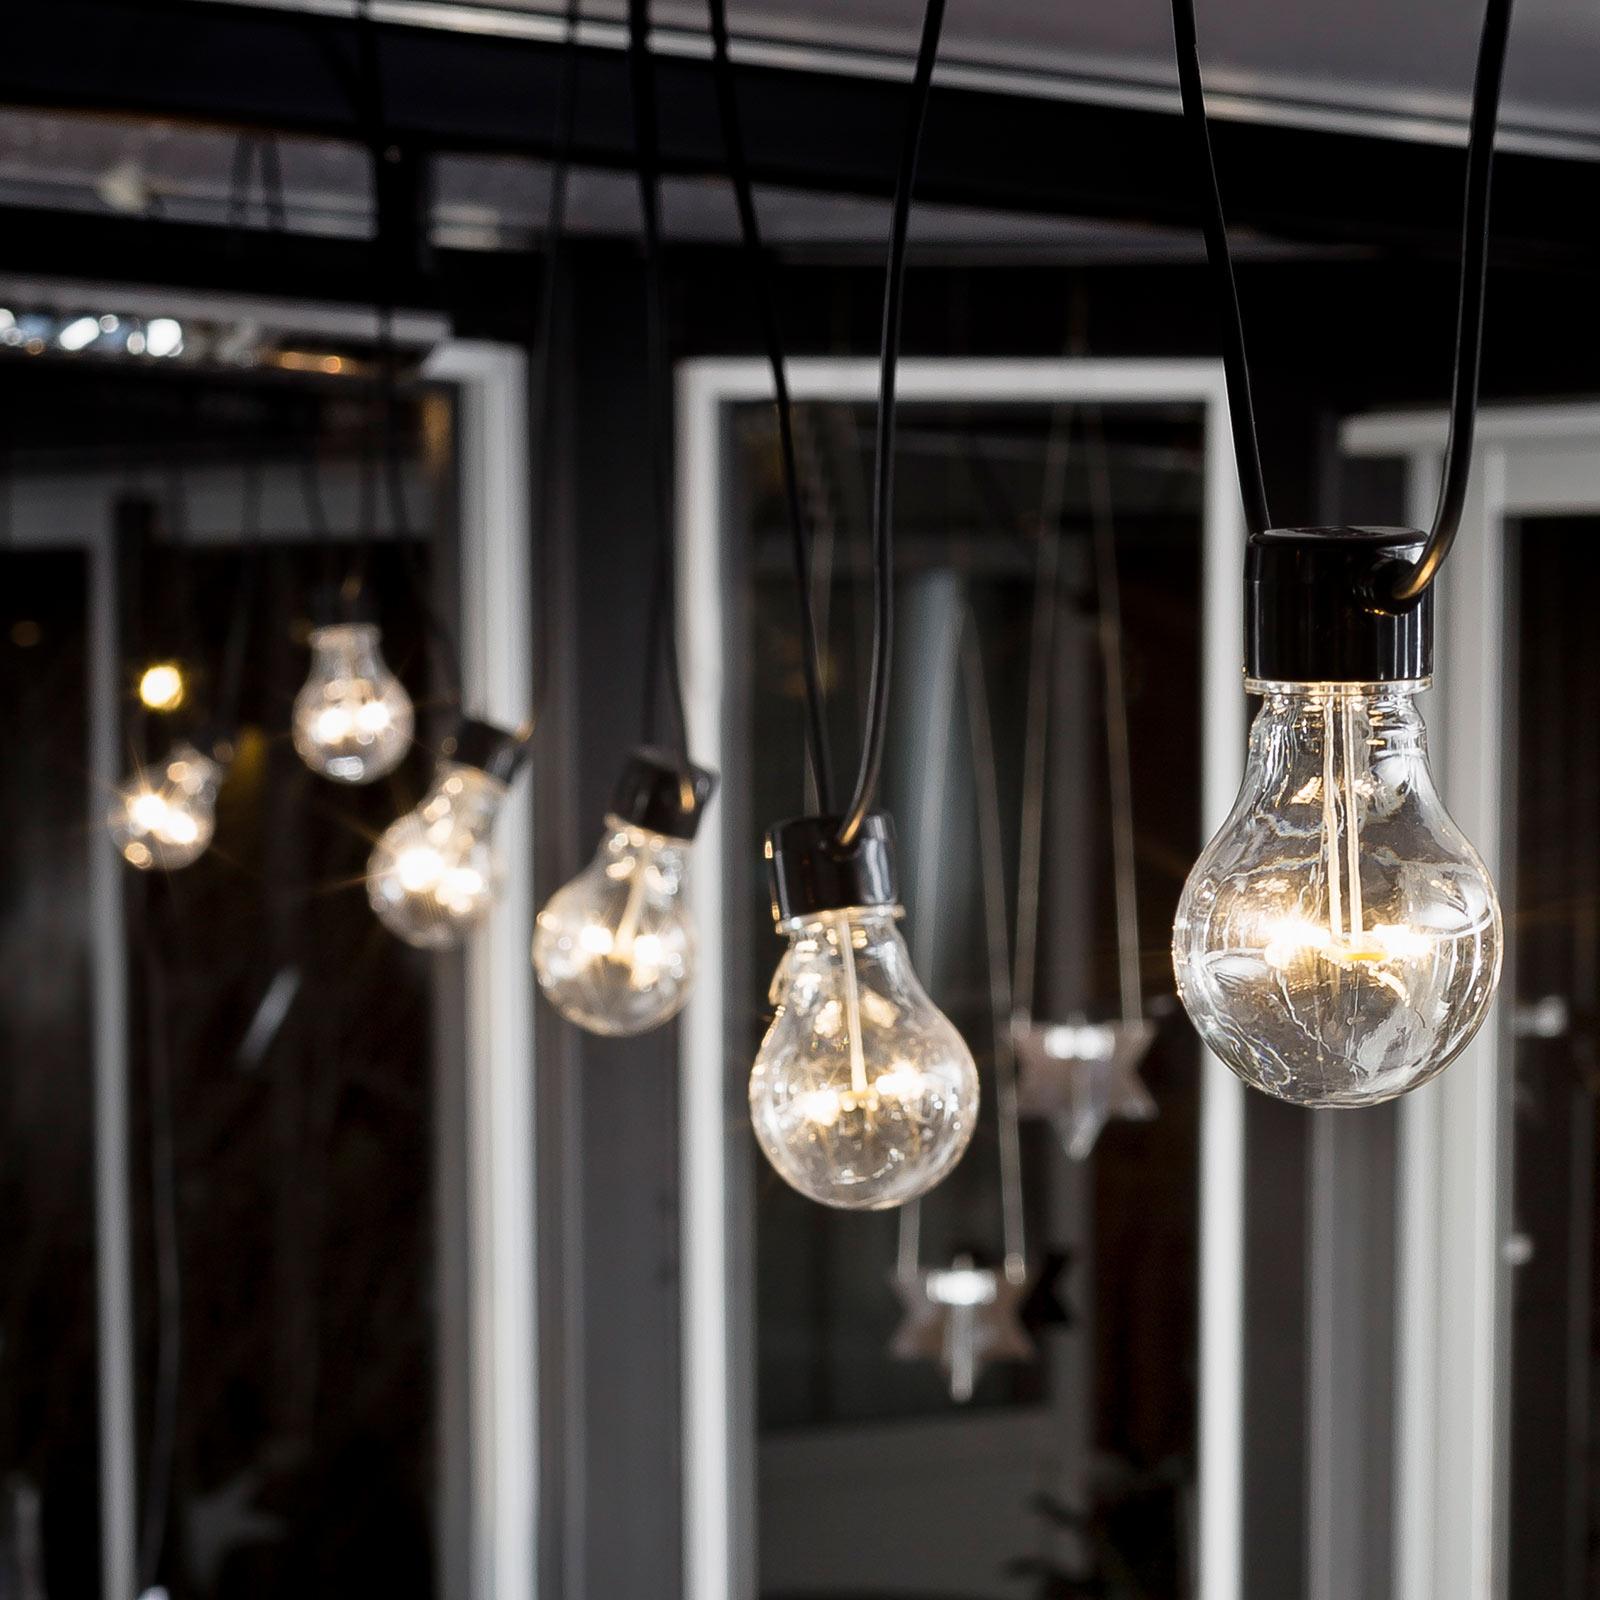 LED-Lichterkette Biergarten Erweiterung, warmweiß